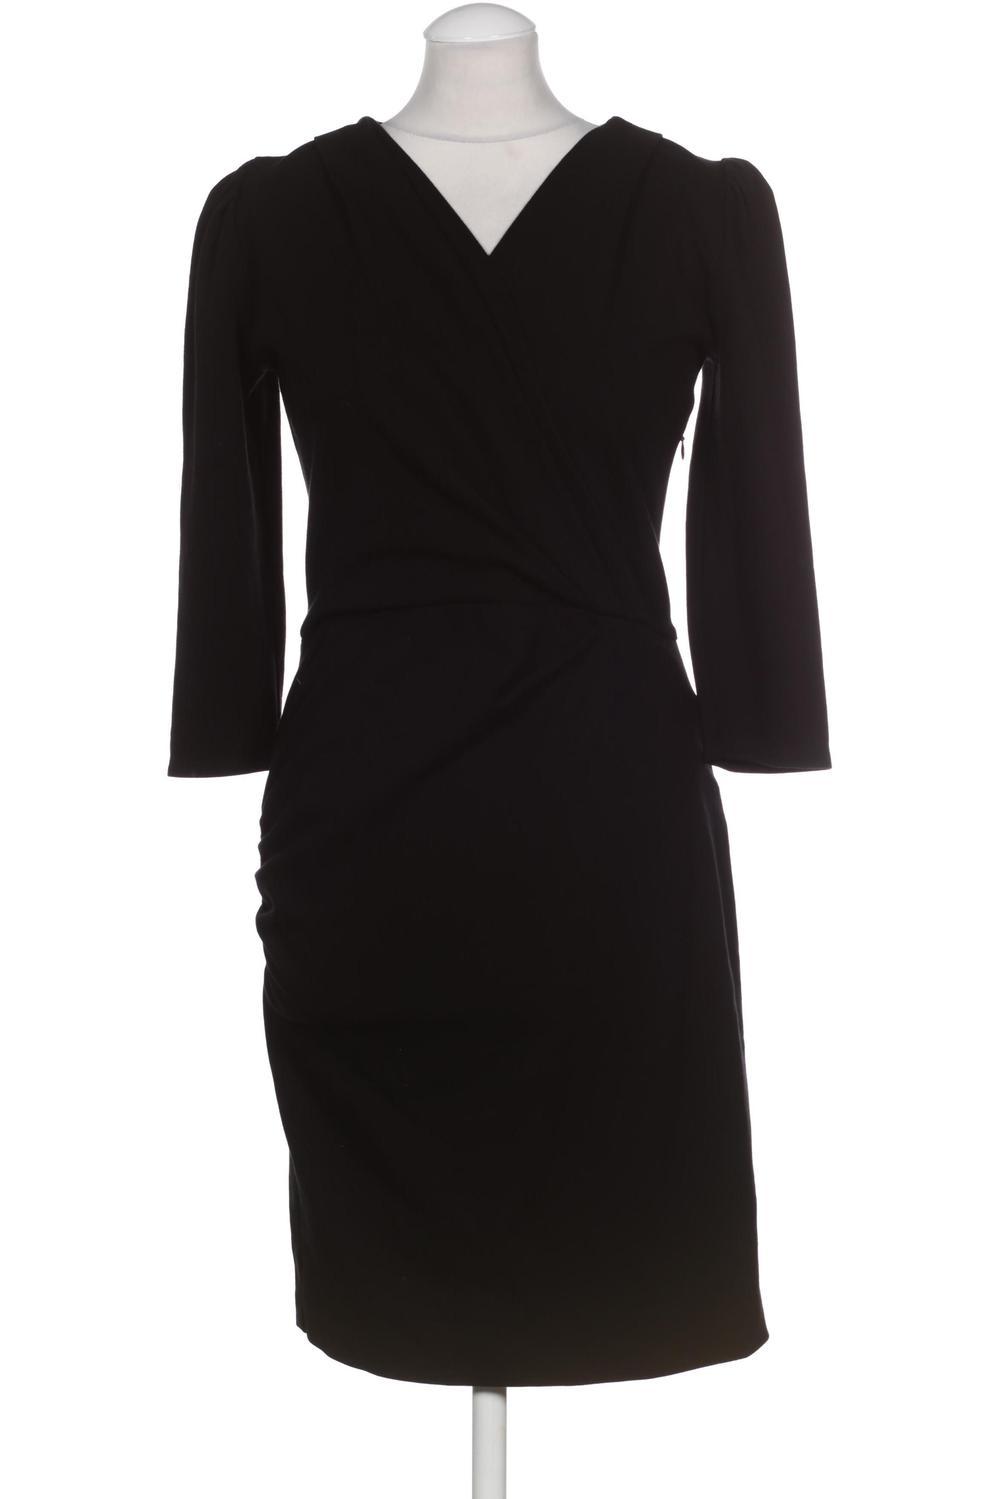 LIU.JO Kleid Damen Dress Damenkleid Gr. DE 42 Elasthan ...